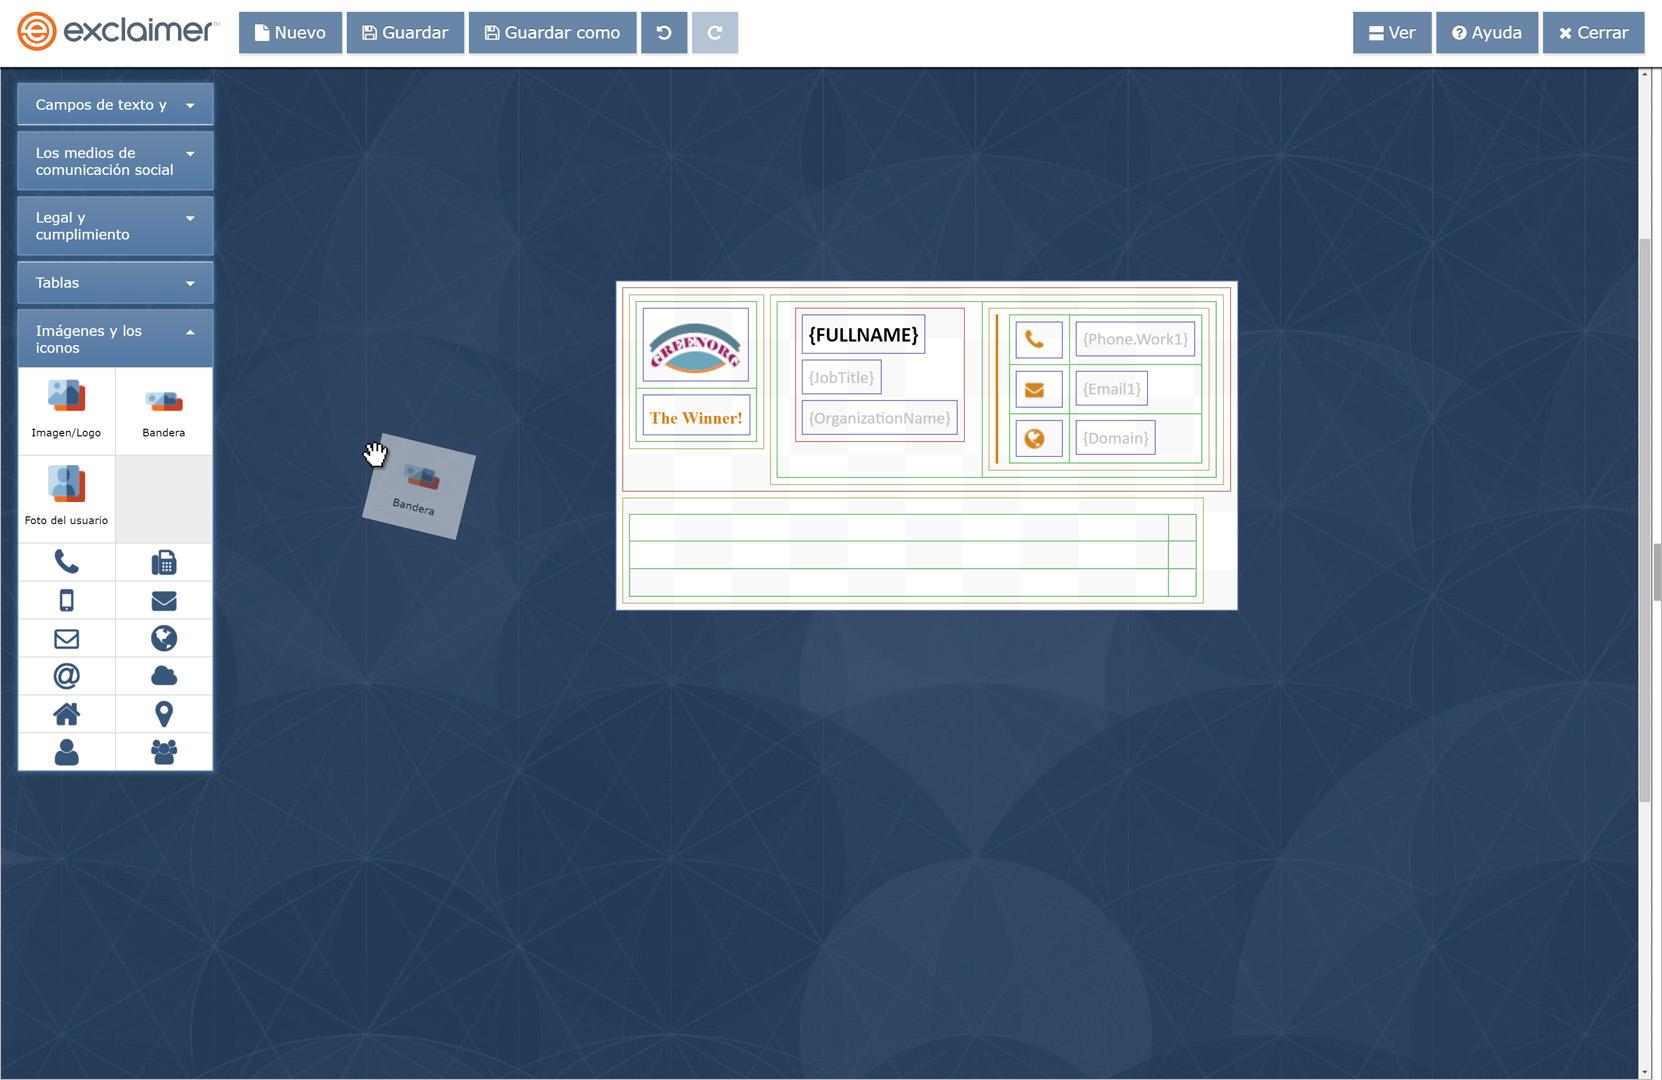 El editor de firmas de arrastrar y colocar de G Suite está diseñado para usuarios de todos los niveles de TI.